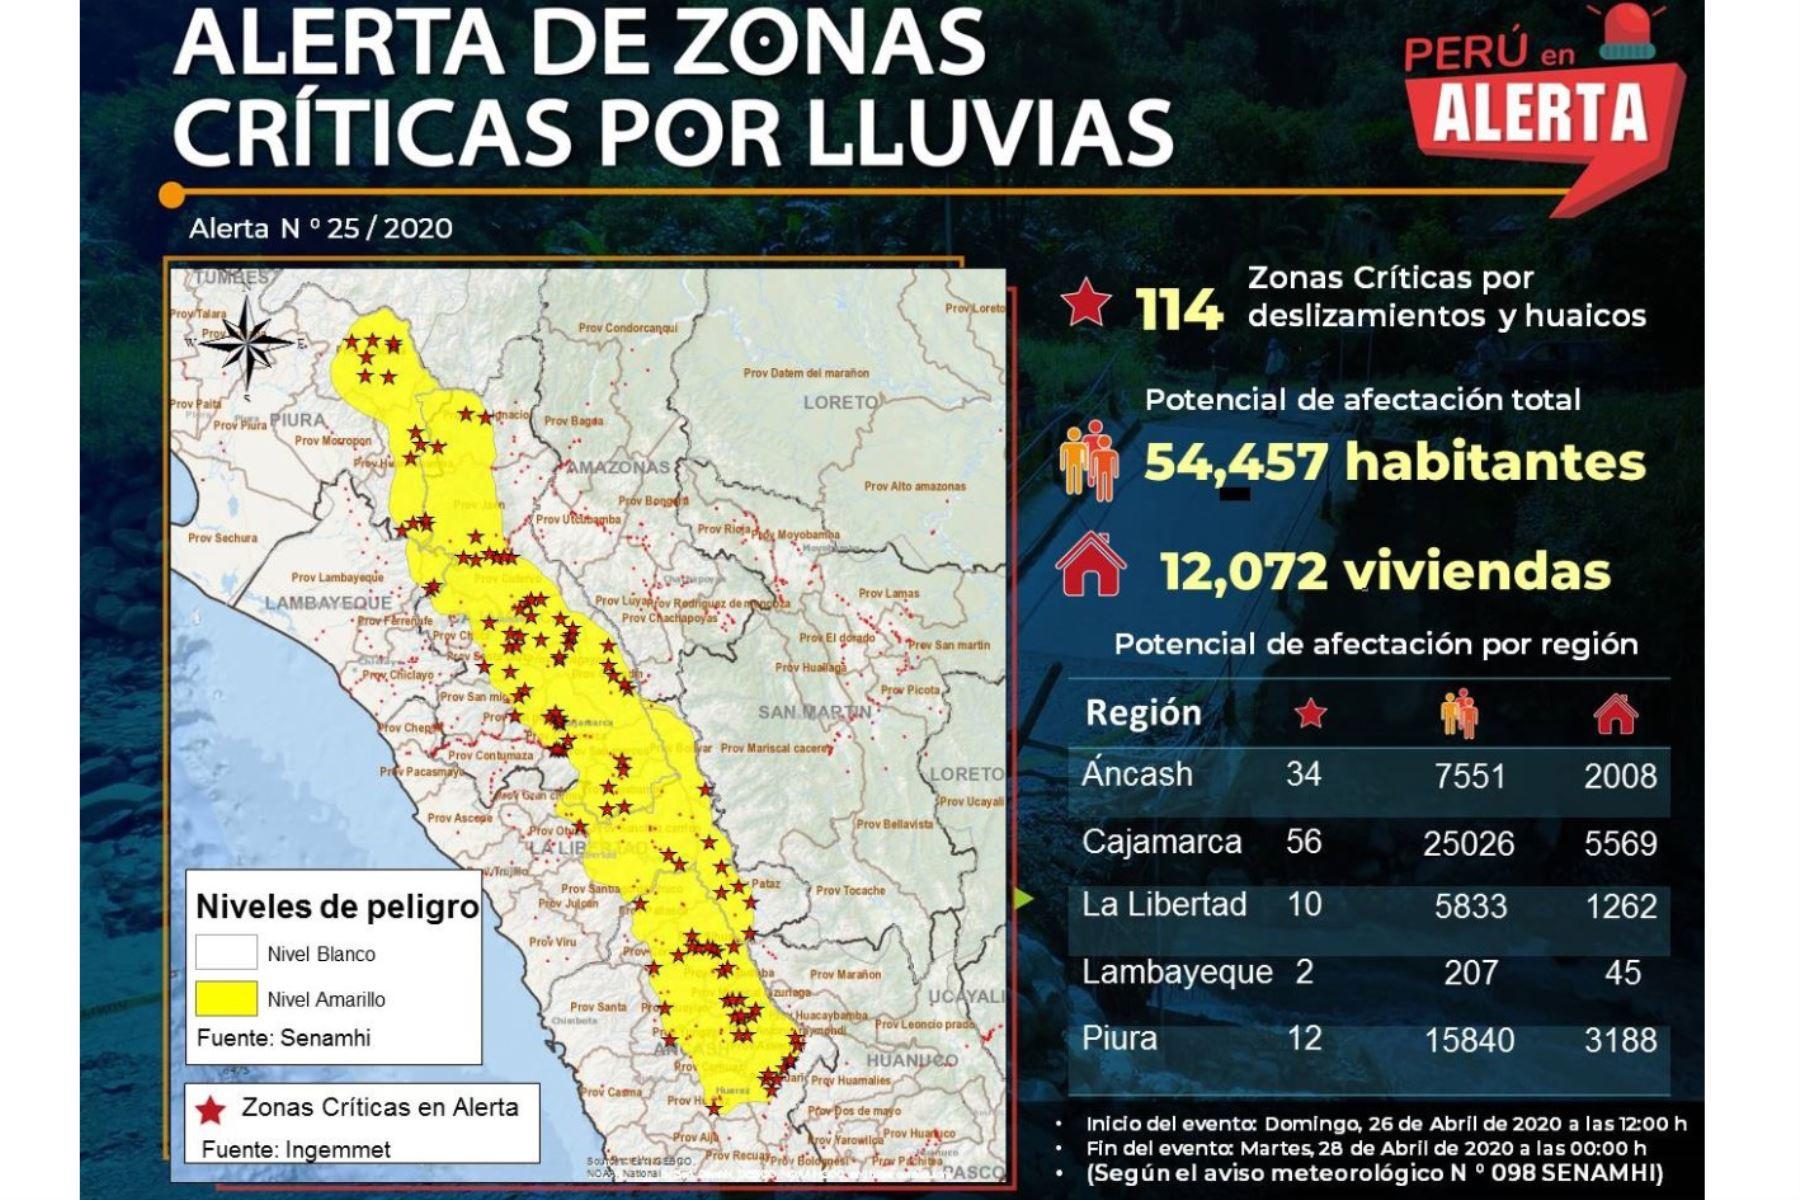 Las 133 zonas críticas en alerta por lluvias identificadas por el Ingemmet están ubicadas en 12 regiones. Foto: ANDINA/Difusión